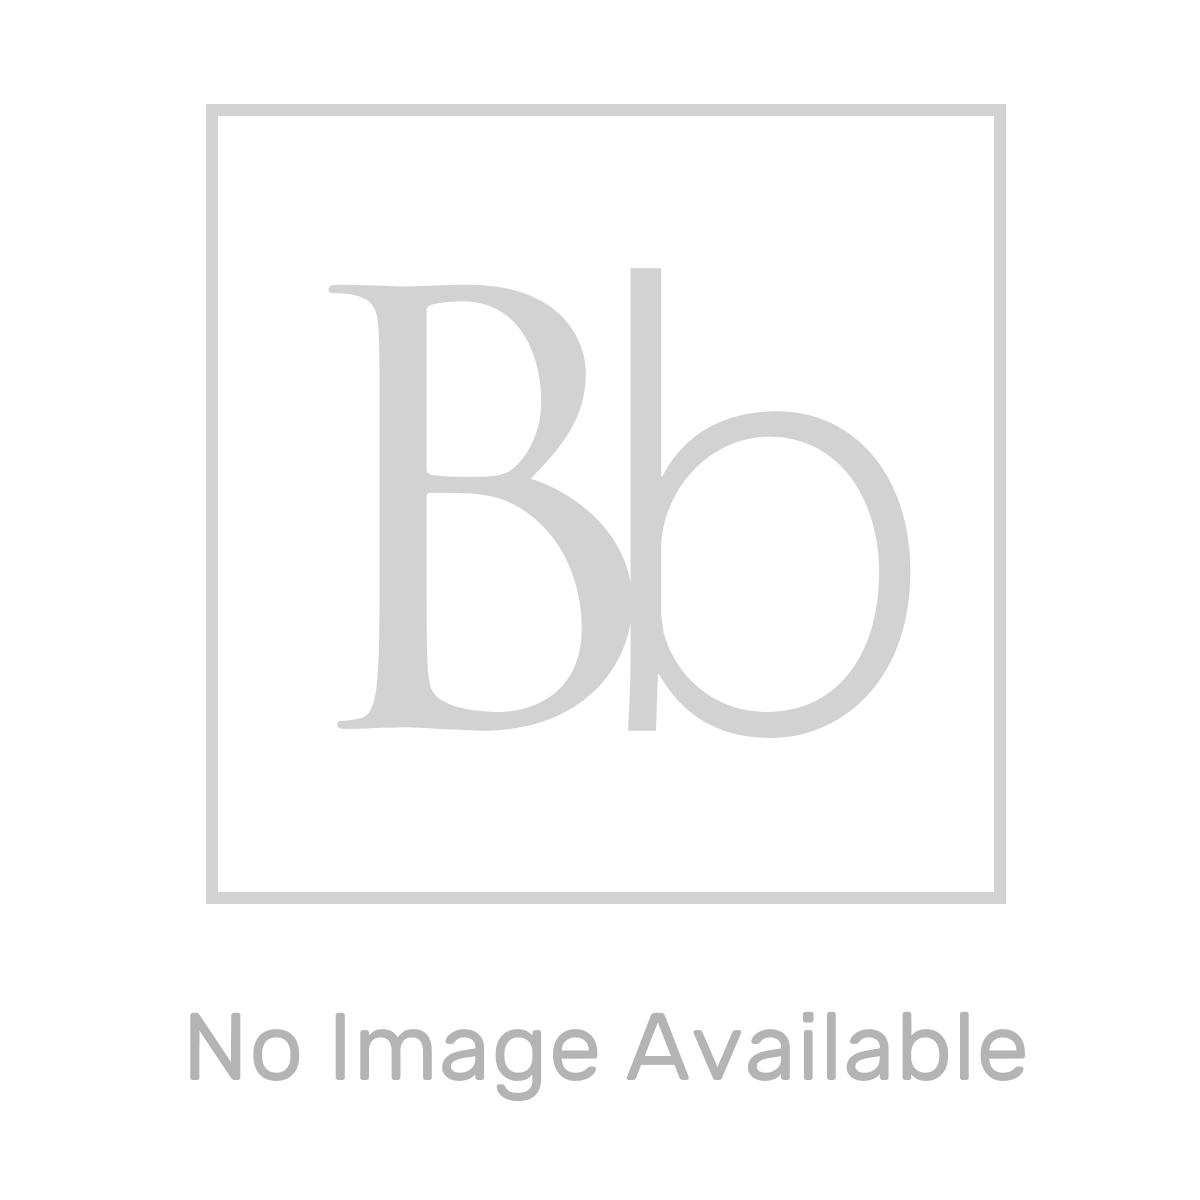 Sensio Kai Slimline LED Mirror 700 x 500 x 30 3